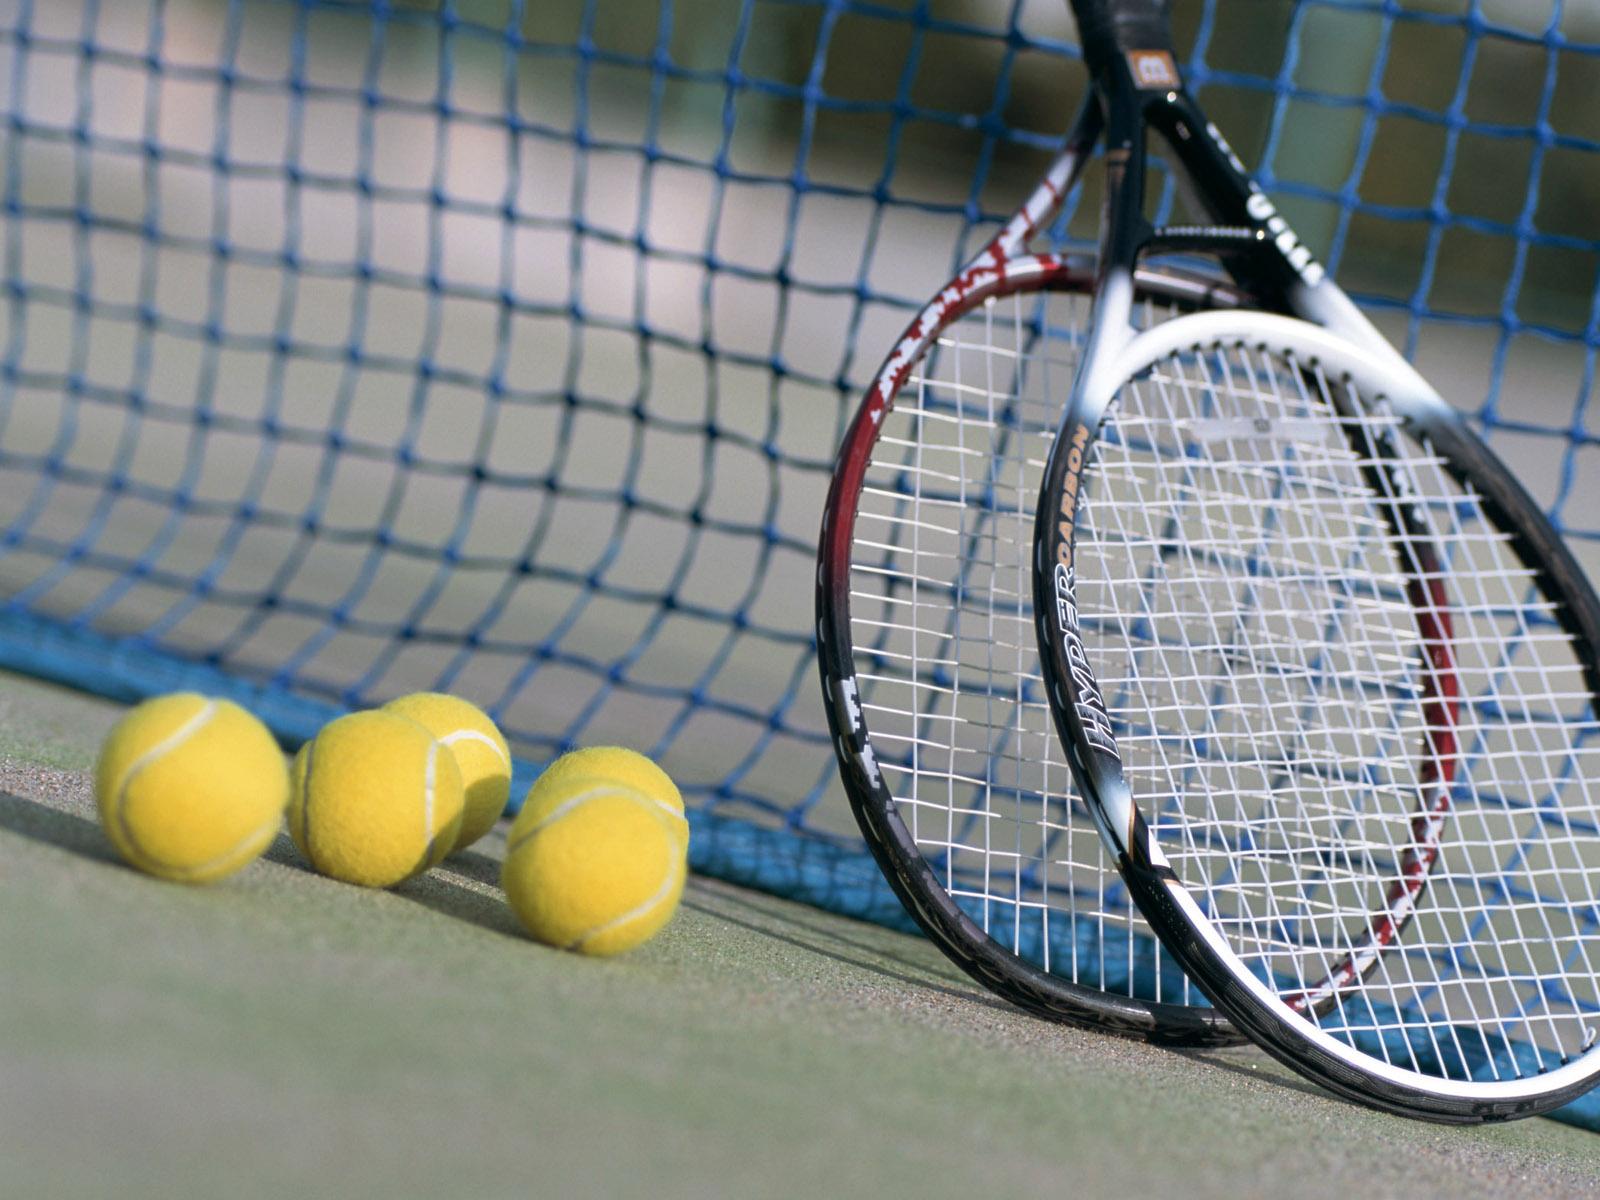 网球_网球矢量图__体育运动_文化艺术_矢量图库_昵